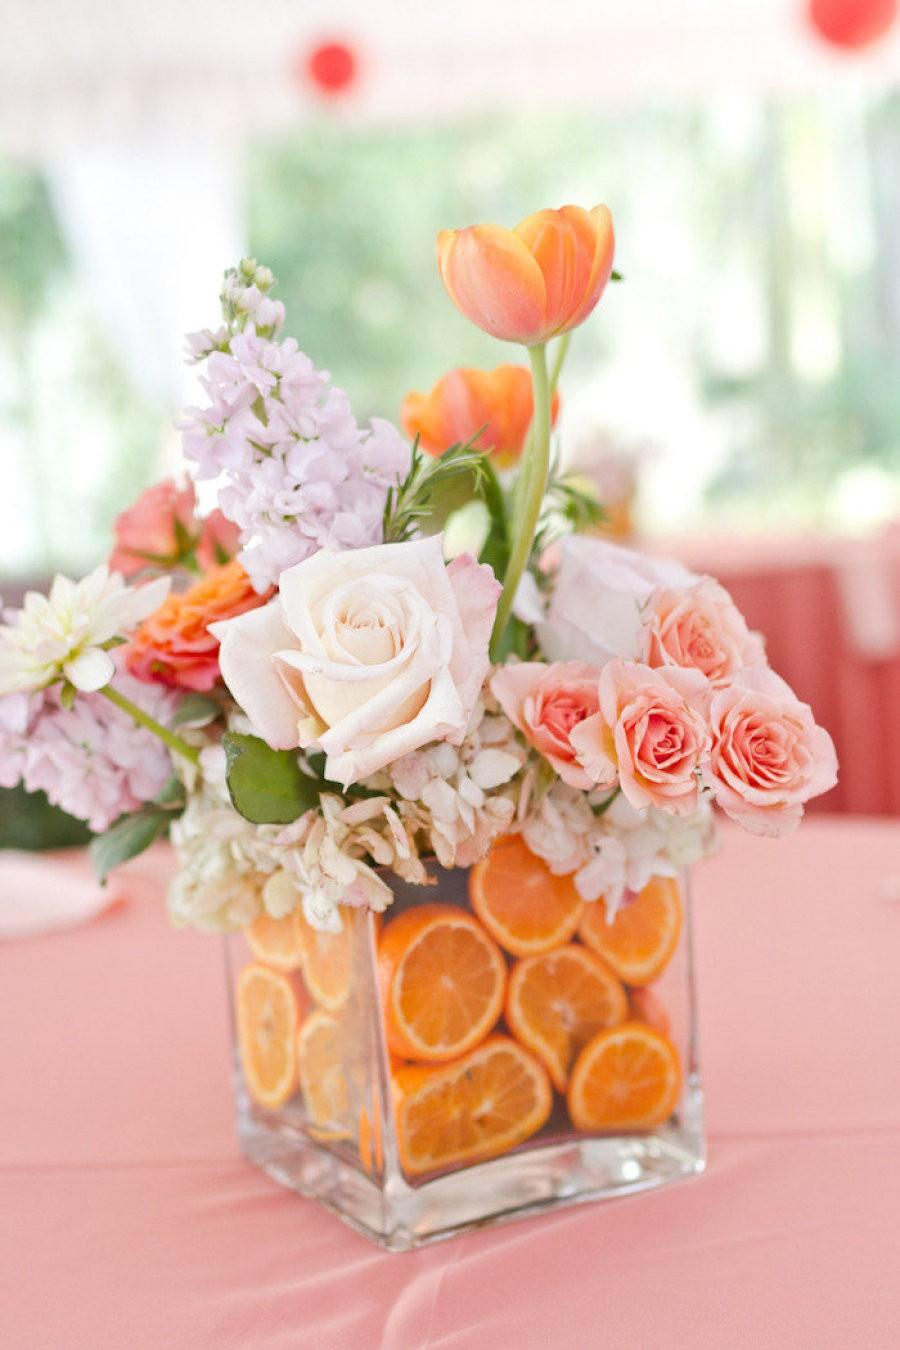 Những cách cắm hoa kèm quả cực ấn tượng để trang trí nhà vào những dịp đặc biệt - Ảnh 3.